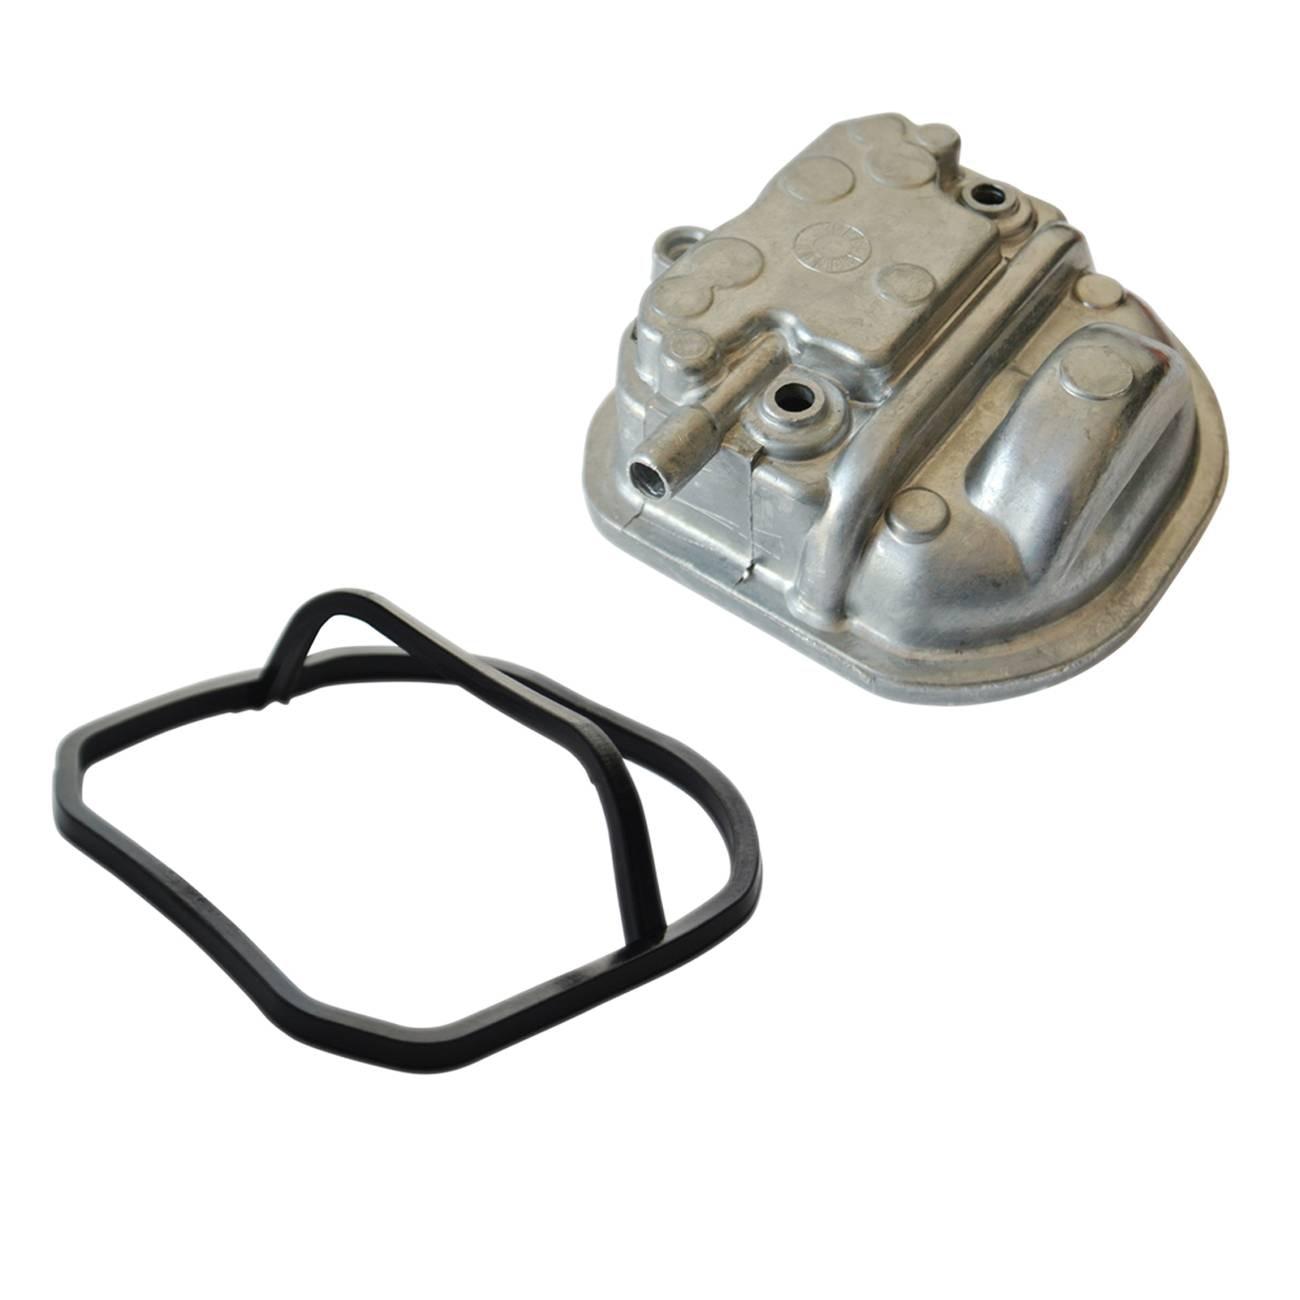 [해외]혼다 gx35 엔진 트리머 부품 용 실린더 헤드 커버 및 씰/혼다 gx35 엔진 트리머 부품 용 실린더 헤드 커버 및 씰